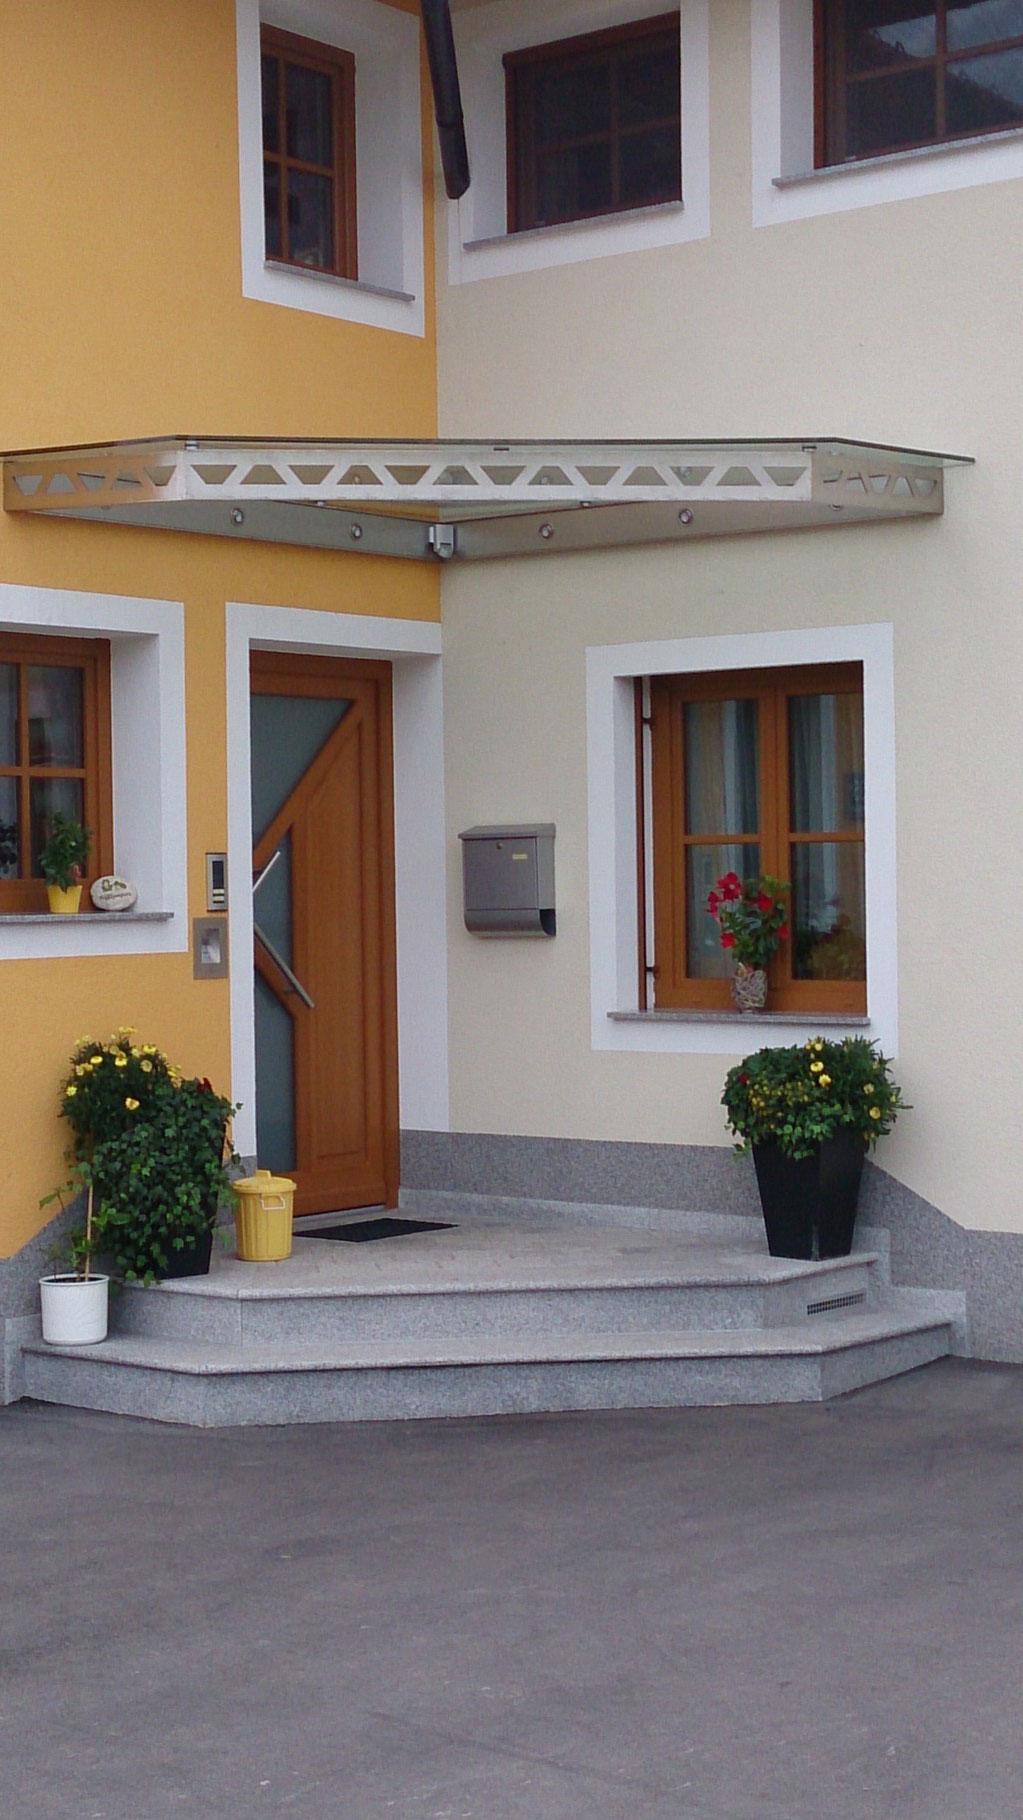 Faszinierend Eingangsüberdachung L Form Galerie Von Regen- Oder Schneeabhilfe Schaffen Mit Der Eingangsüberdachung!